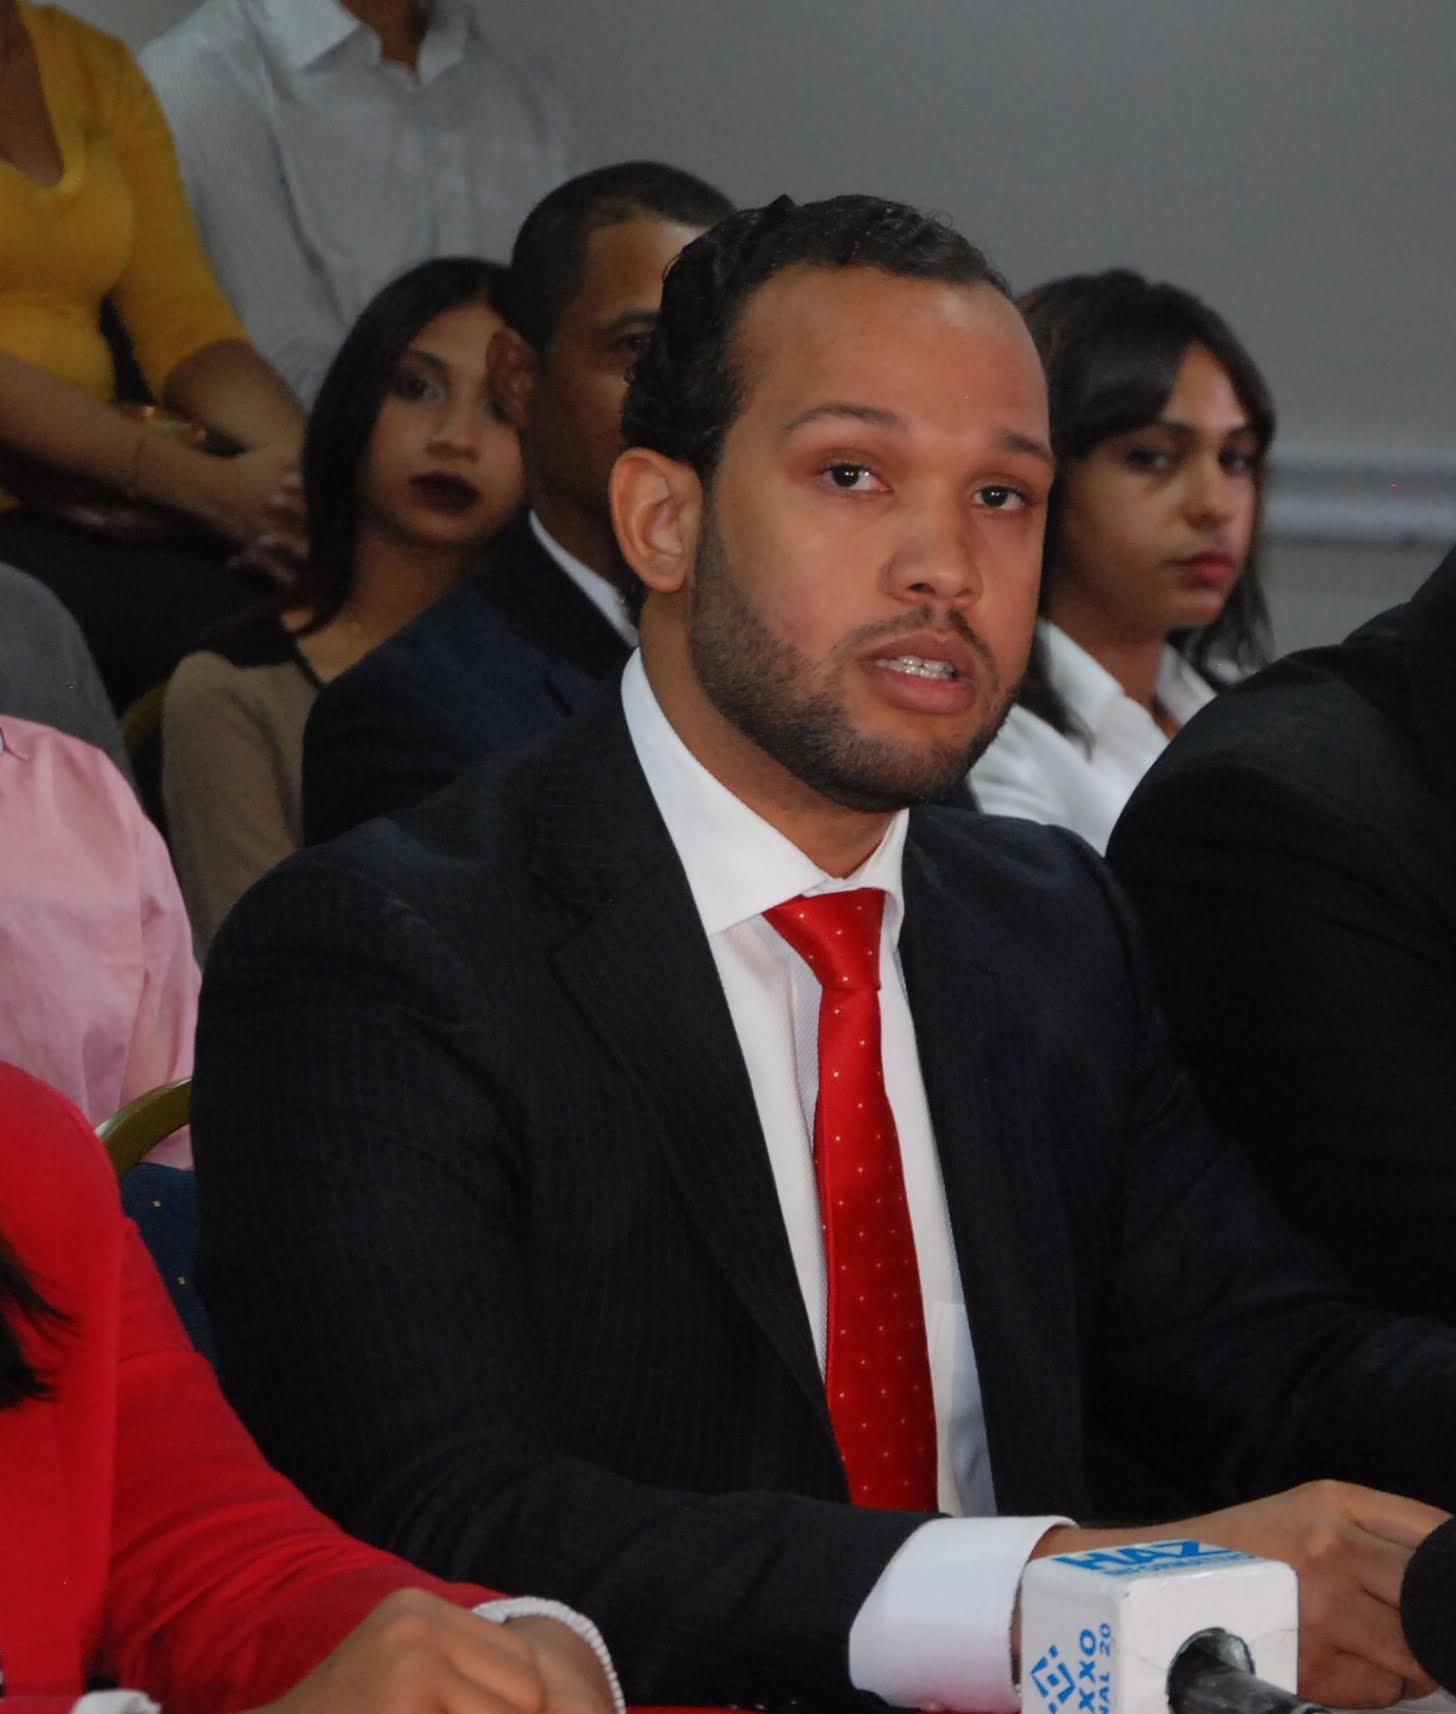 Colorvision online republica dominicana - Dirigente Reformista Considera Injusto Y Sesgado Informe Cidh